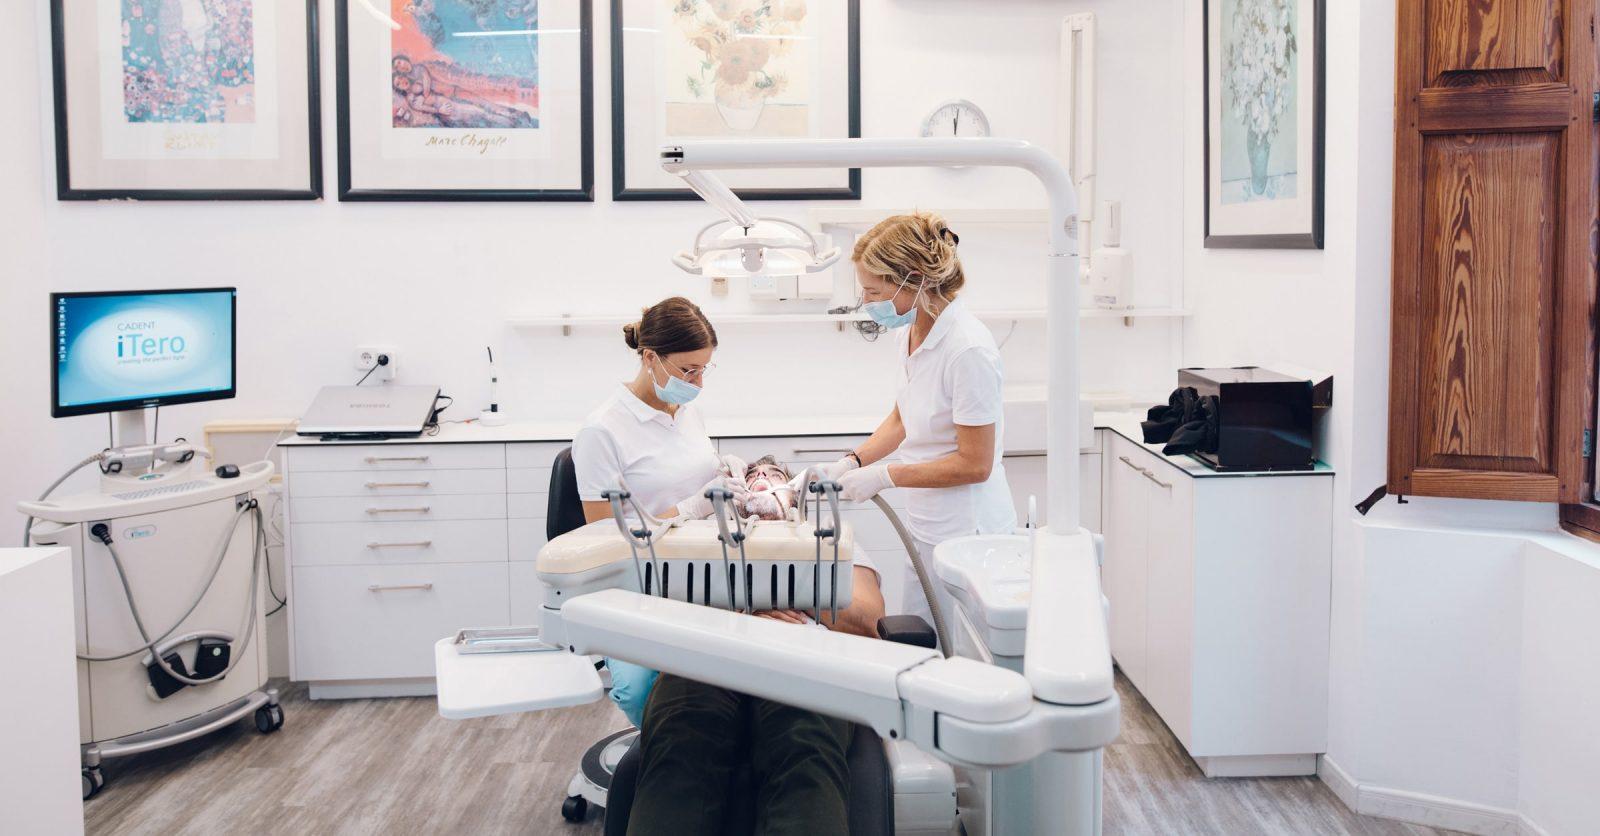 Ortodoncia - Clínica Dental en Sa Pobla Mallorca - Clínica Ramis Tauler